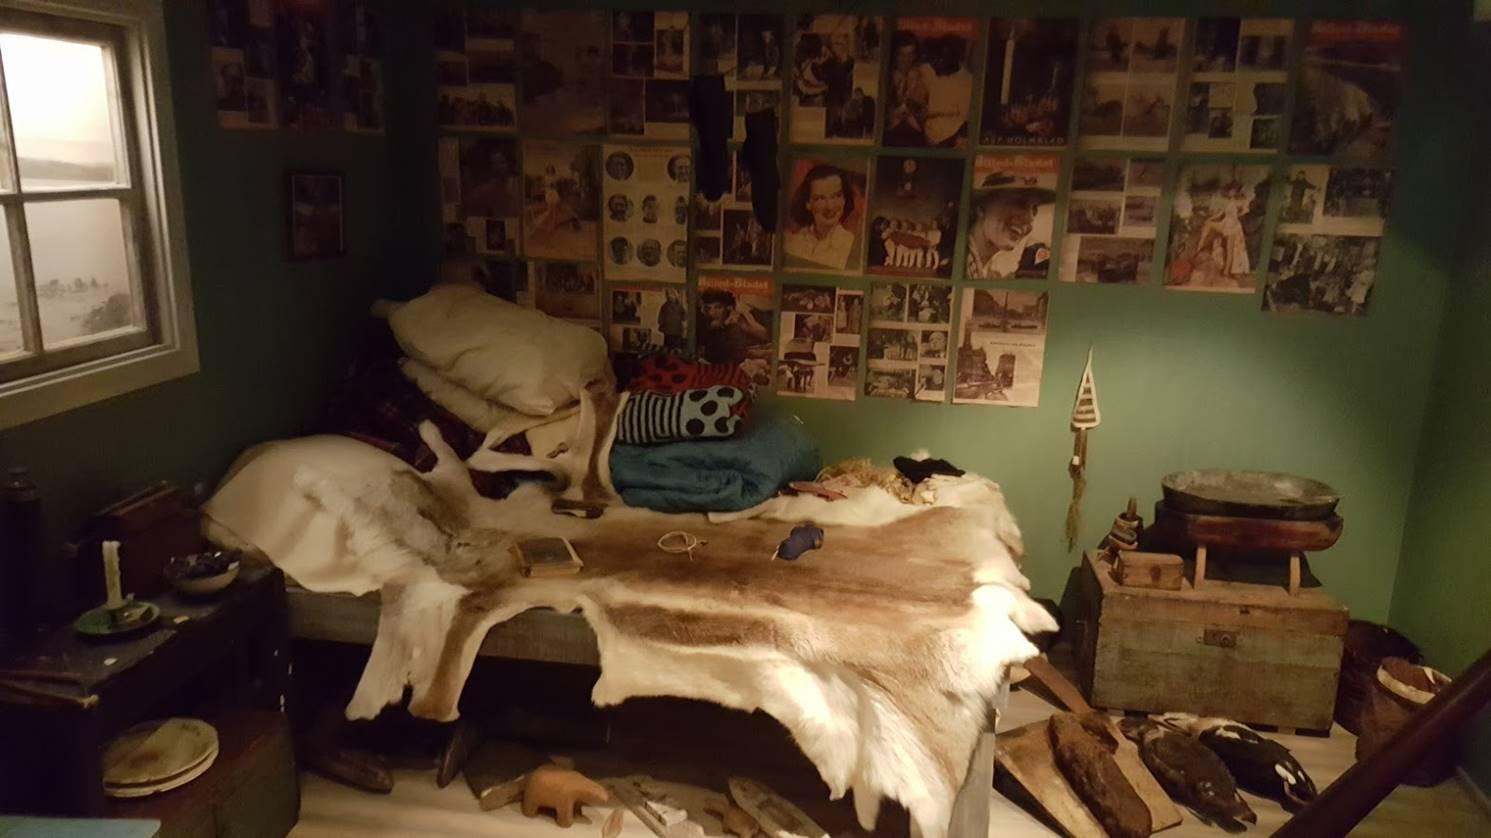 Säng med renfäll. Bilder uppsatta på väggen bakom sängen, skor står på golvet. Foto: Nordiska museet